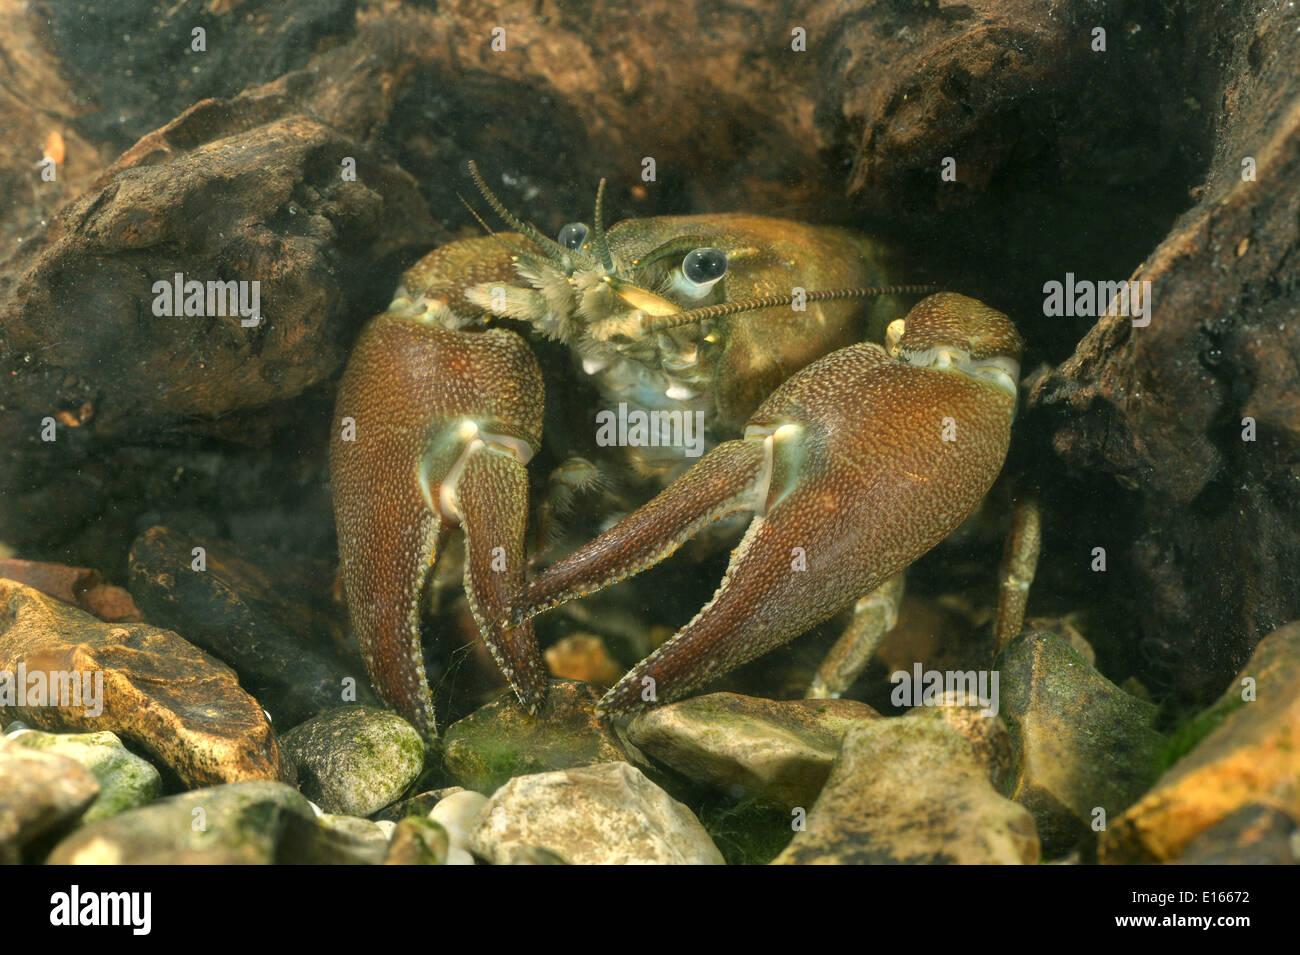 Signal Crayfish - Pacifastacus leniusculus - Stock Image